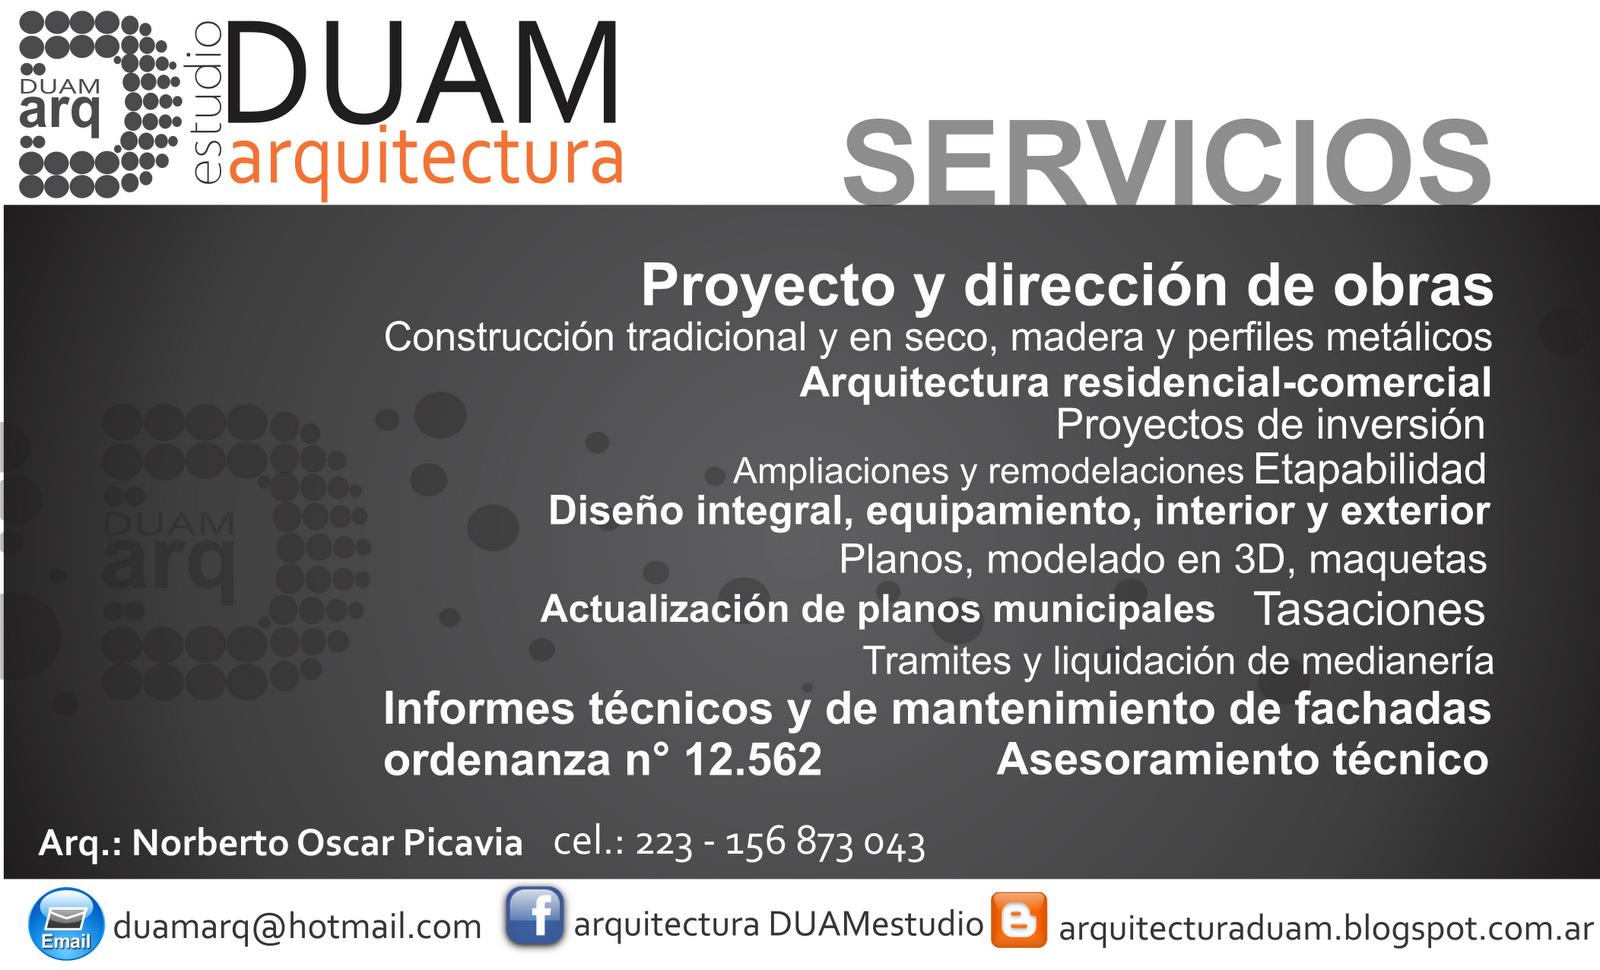 Arquitectura duam estudio - Servicios de arquitectura ...